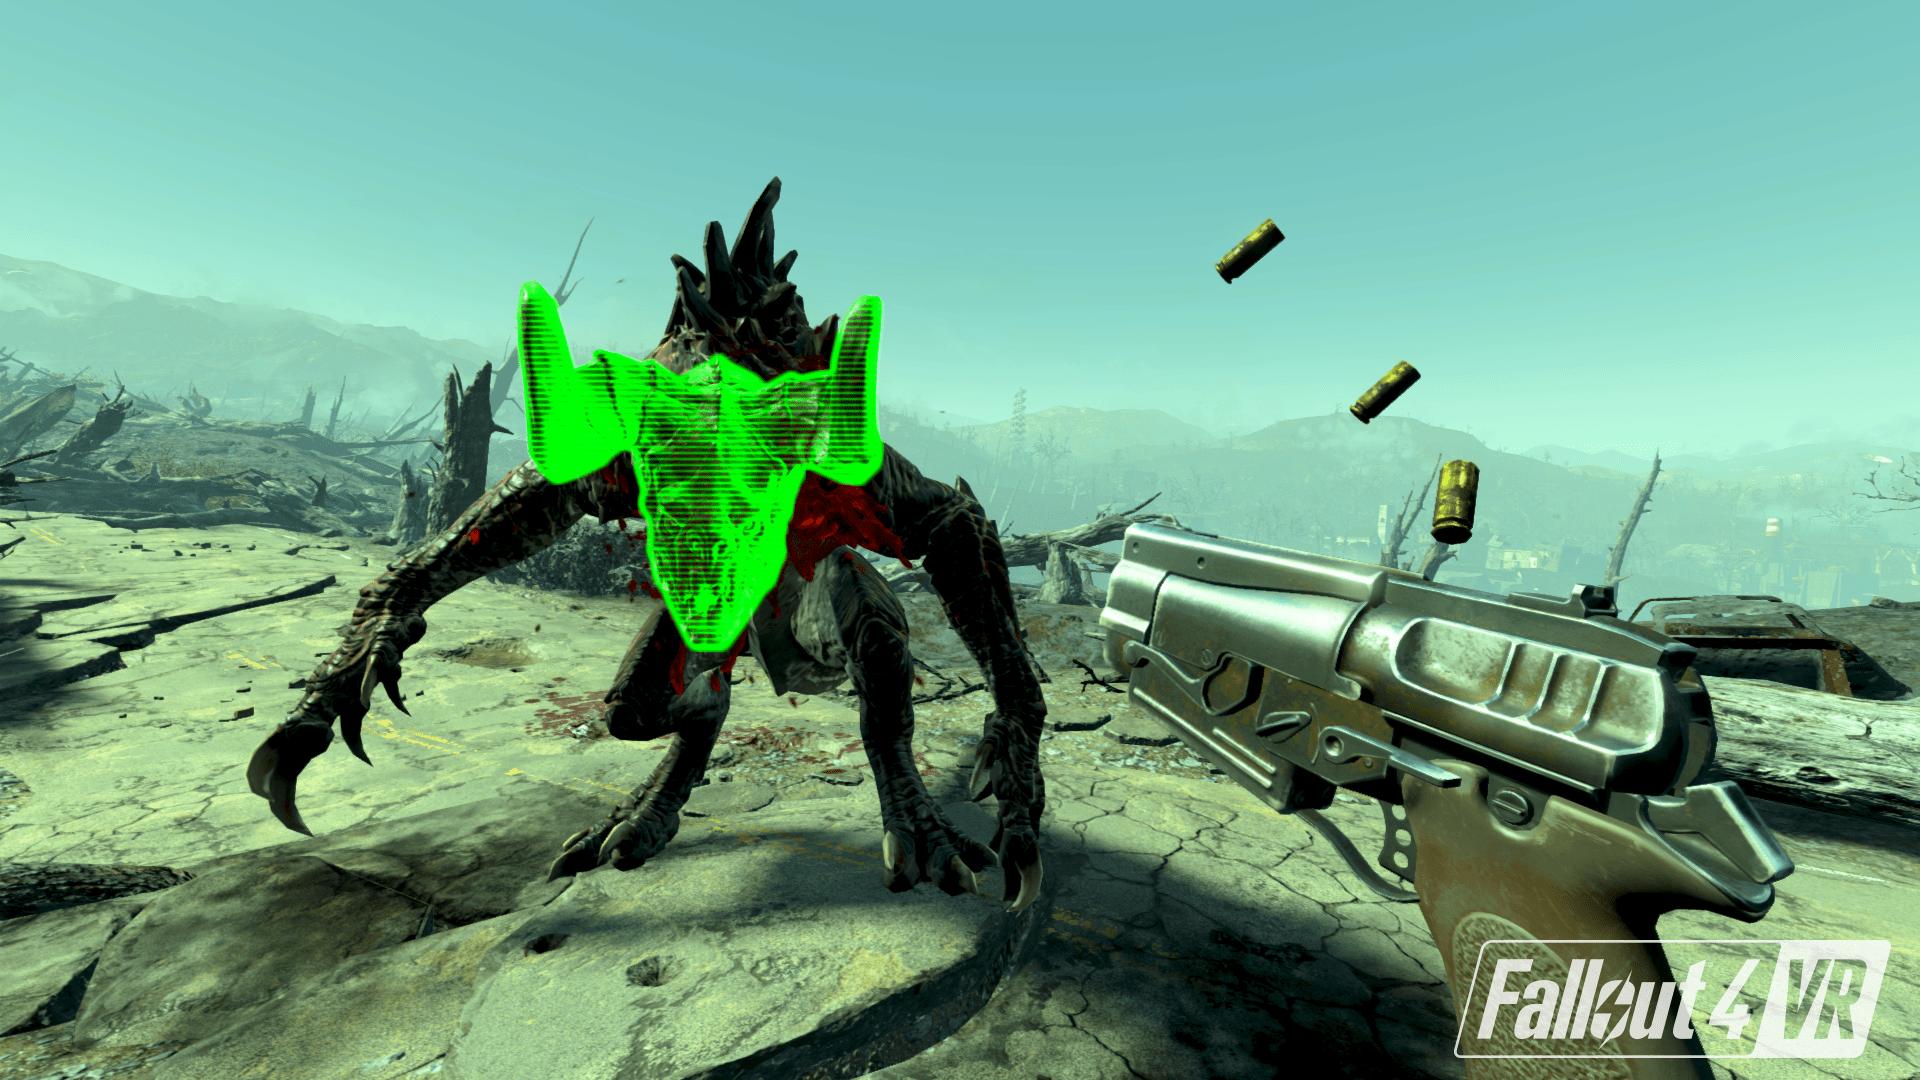 Vive VR - Fallout